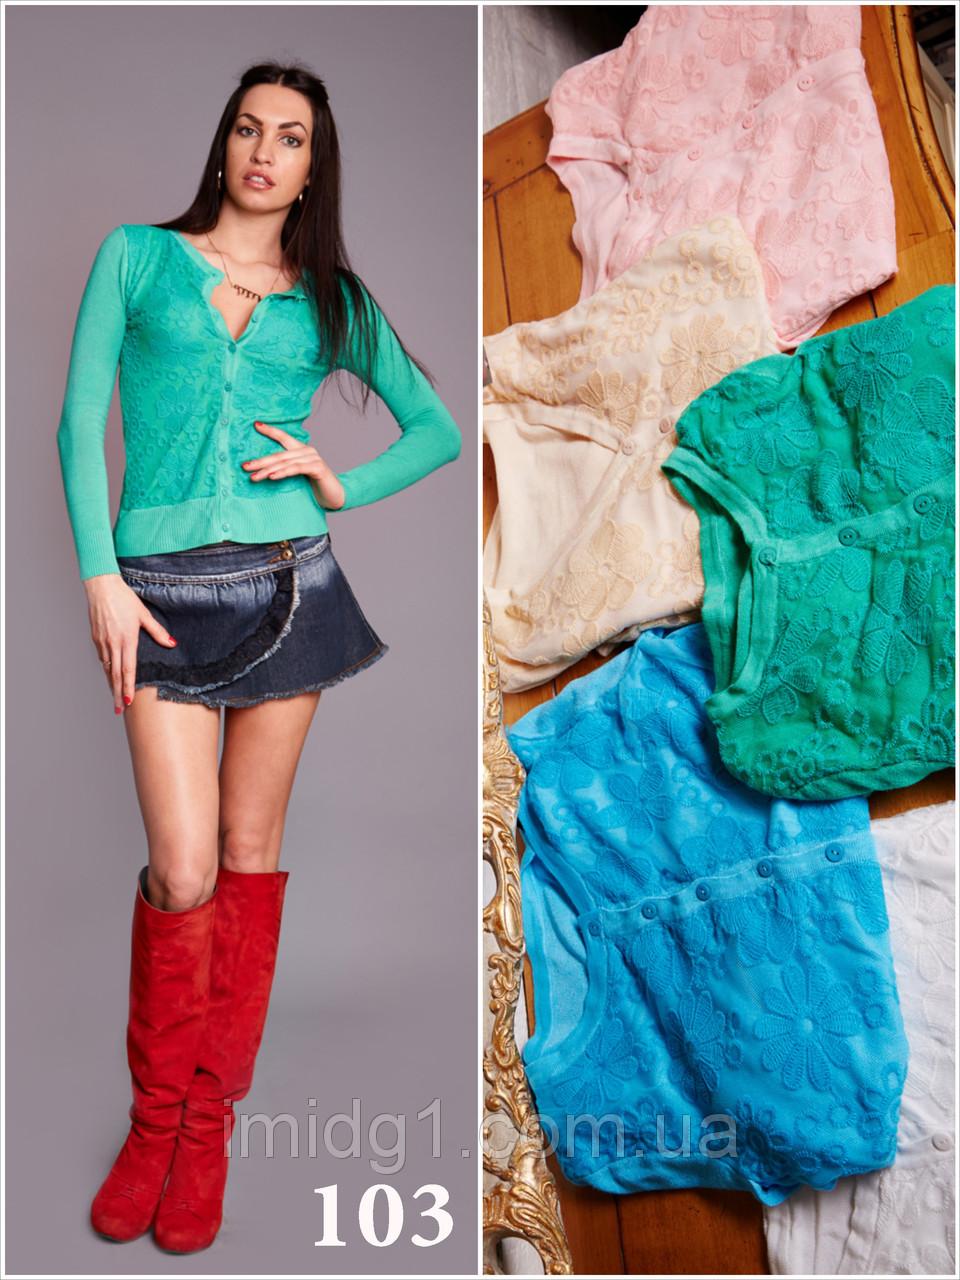 Красивые летние кофты 2014 - Фотогалерея стильной одежды - Купити ... 37c98e3014c18